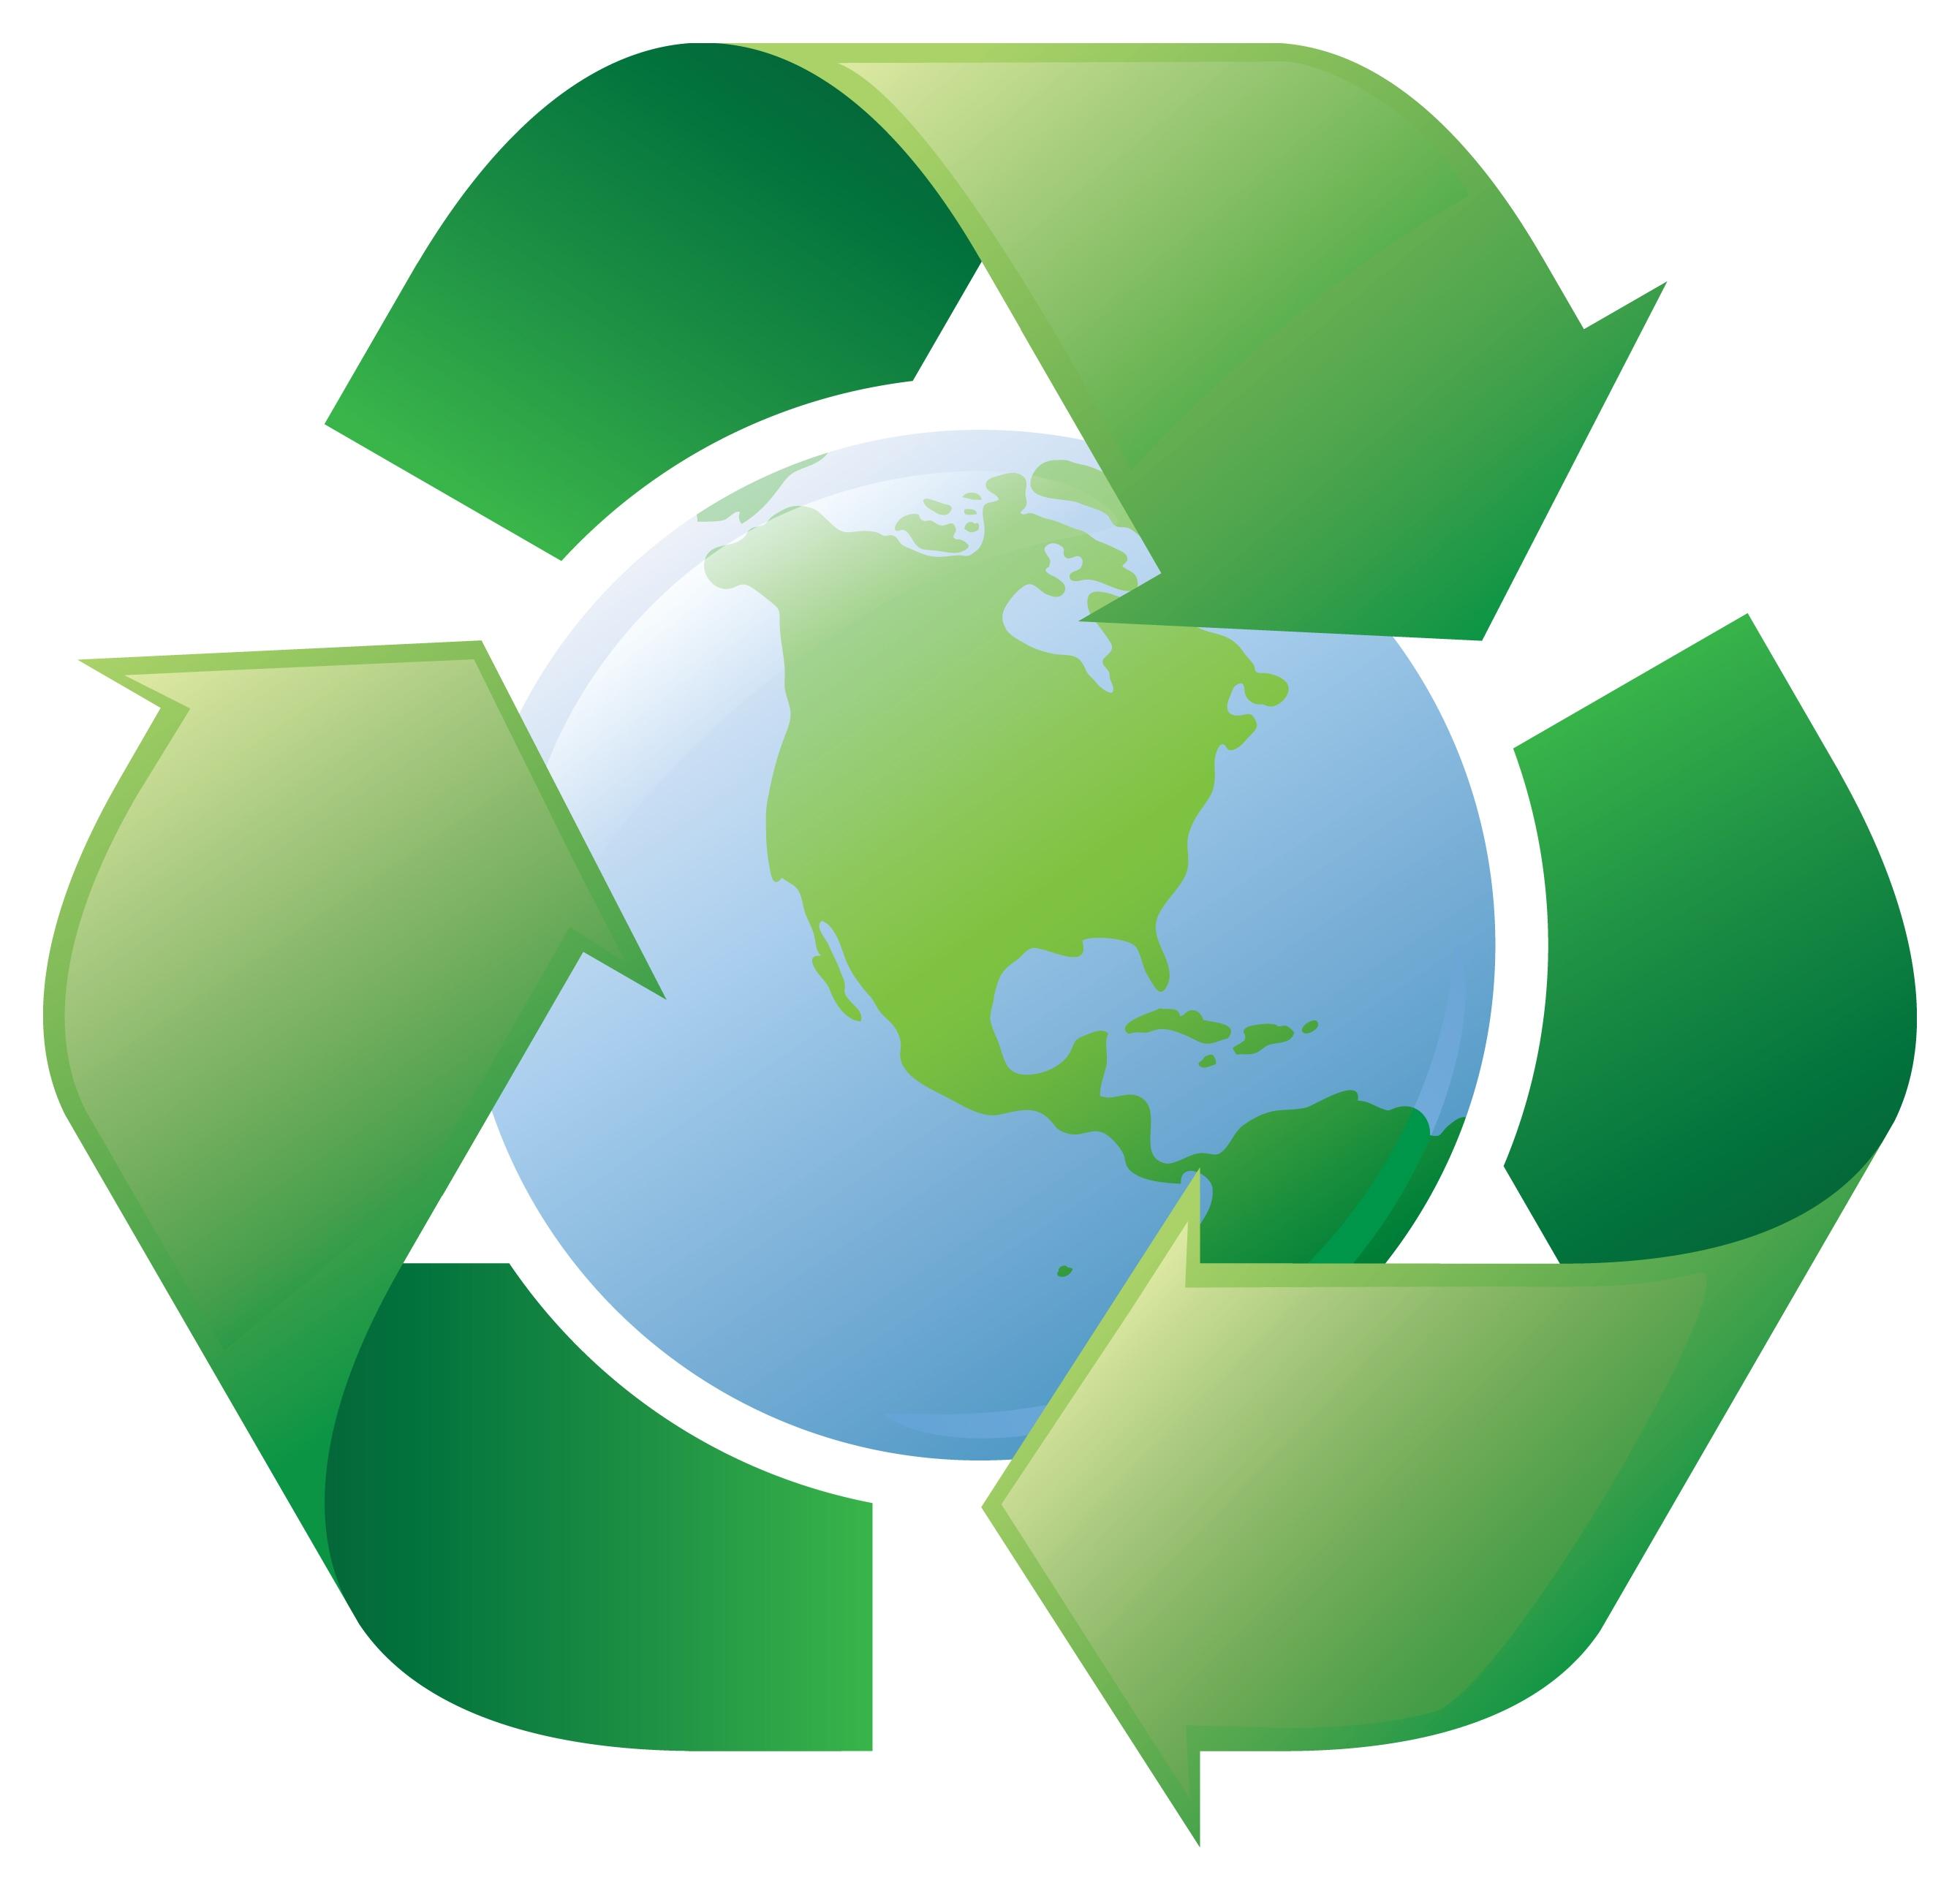 Recycling Symbol Clip Art Cliparts Co-Recycling Symbol Clip Art Cliparts Co-17